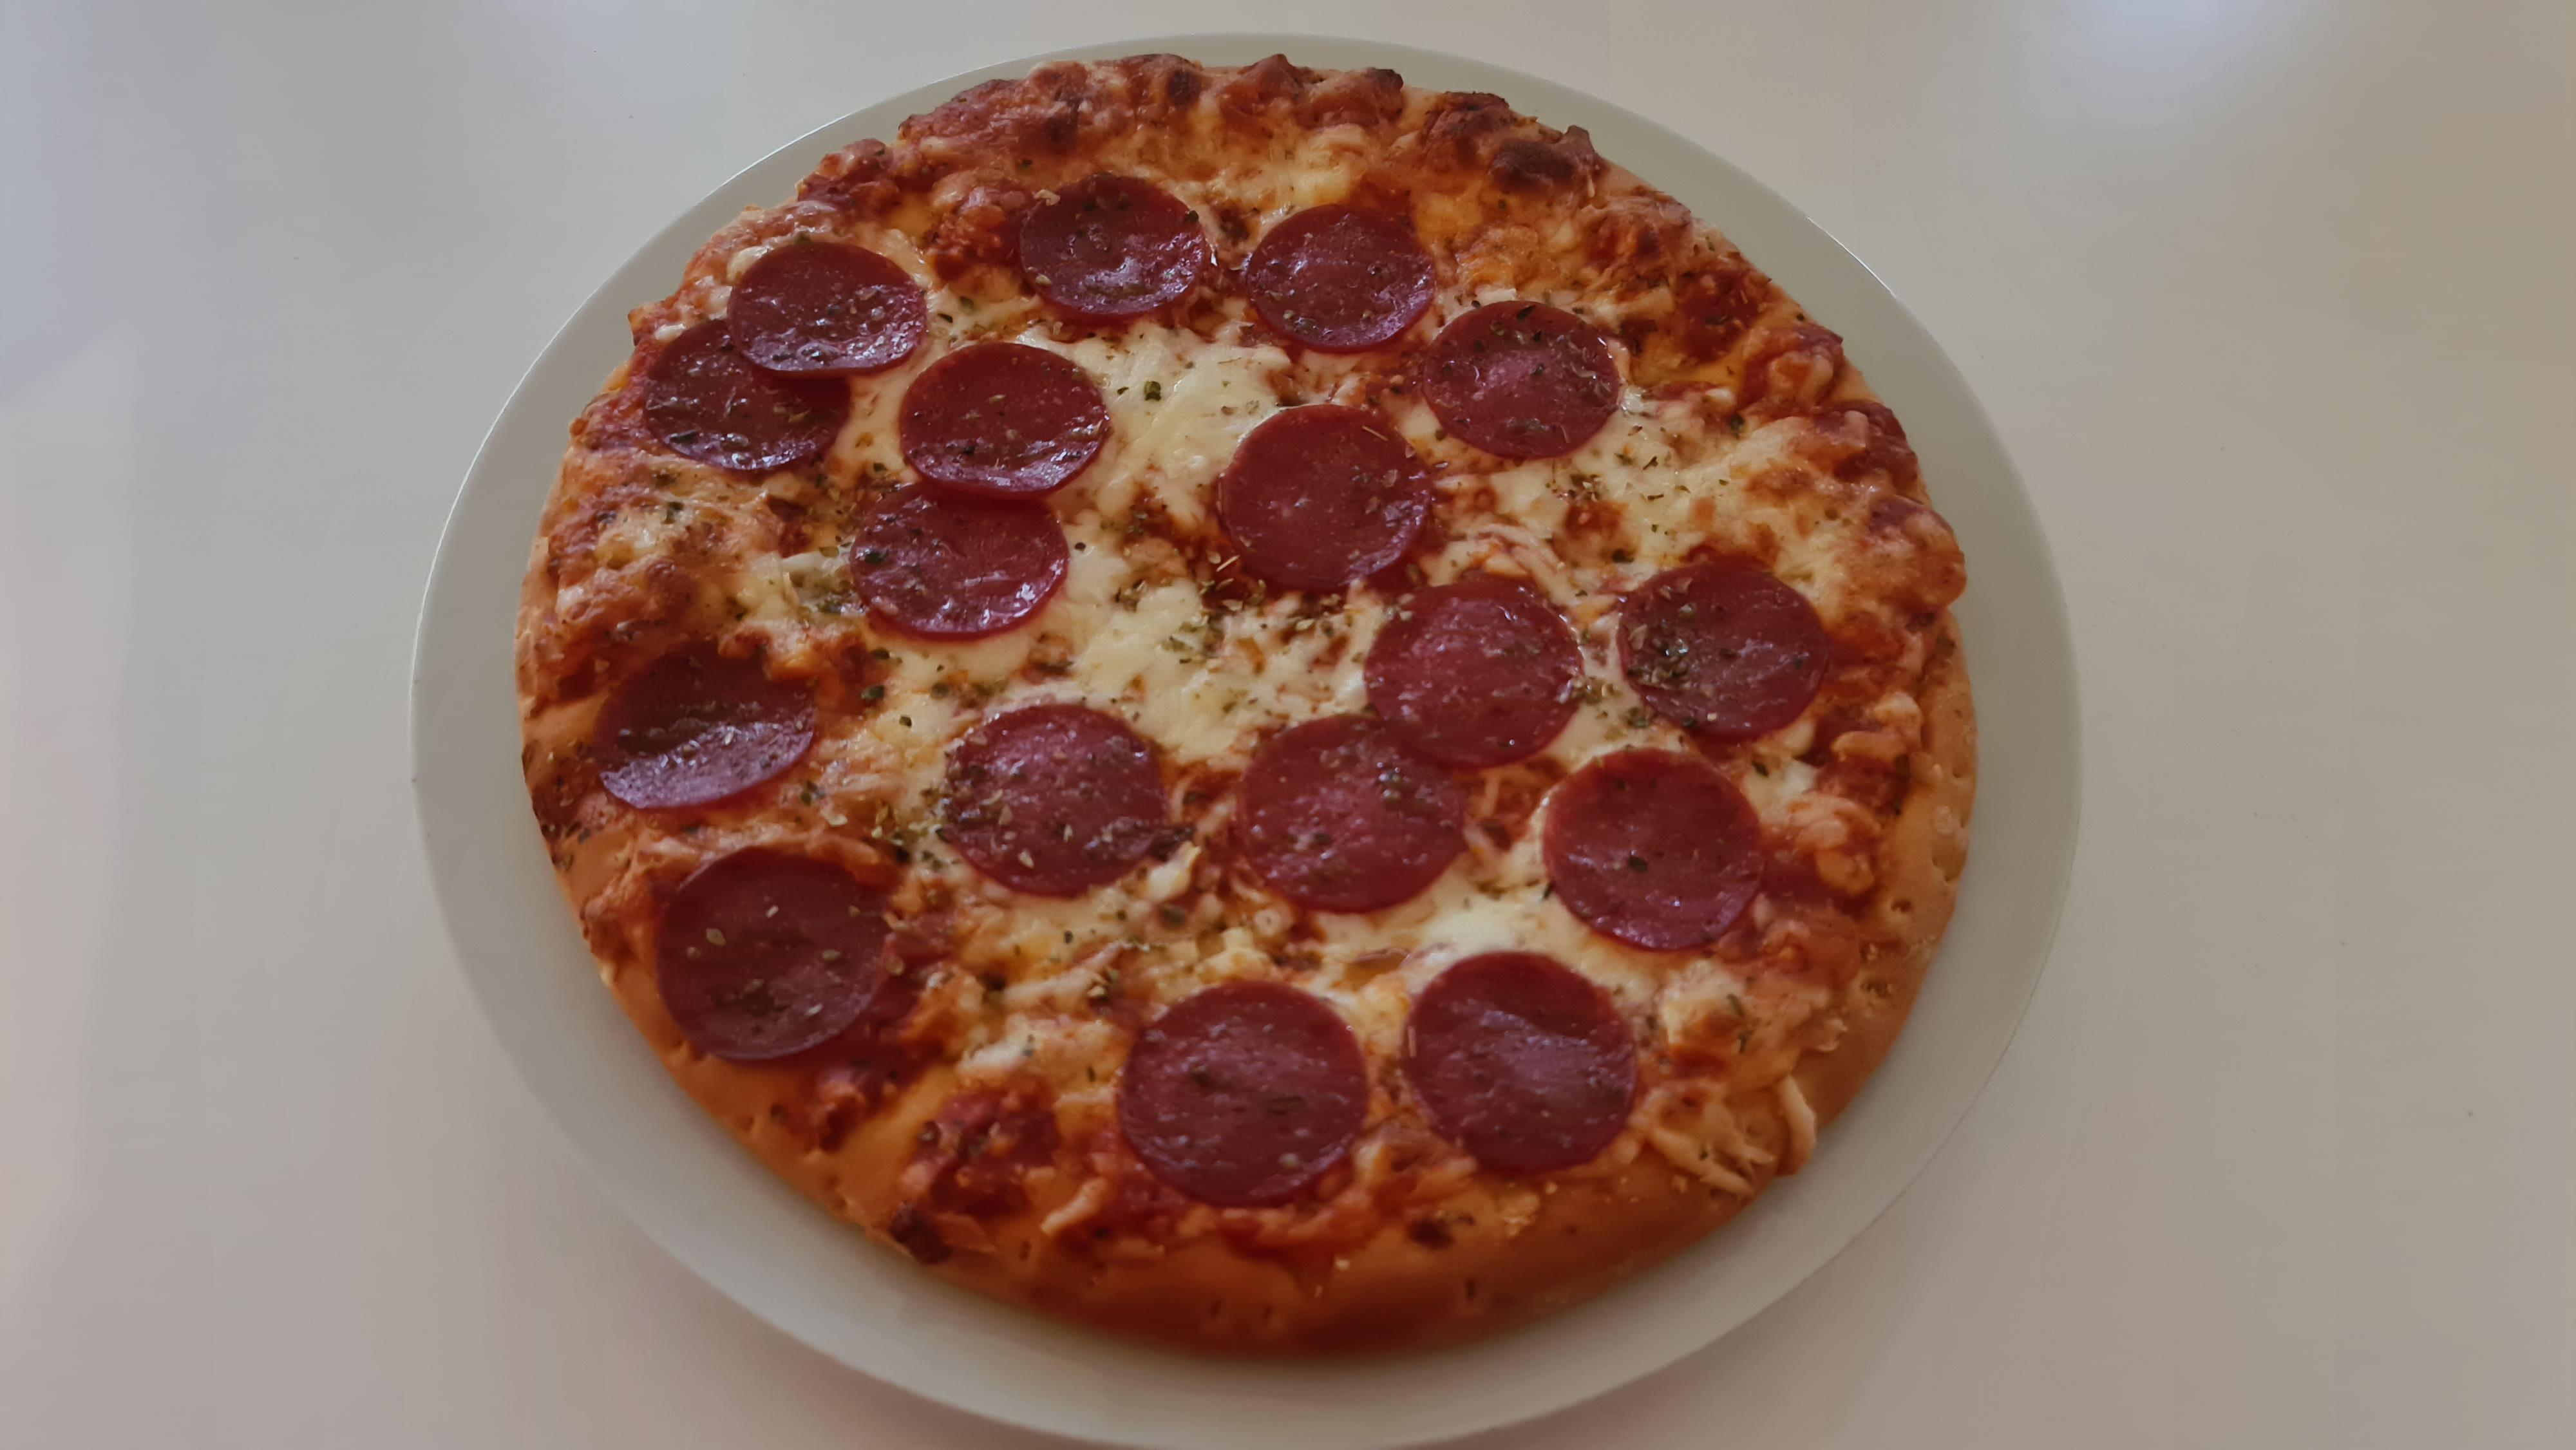 https://foodloader.net/Holz_2020-05-21_Pizza.jpg